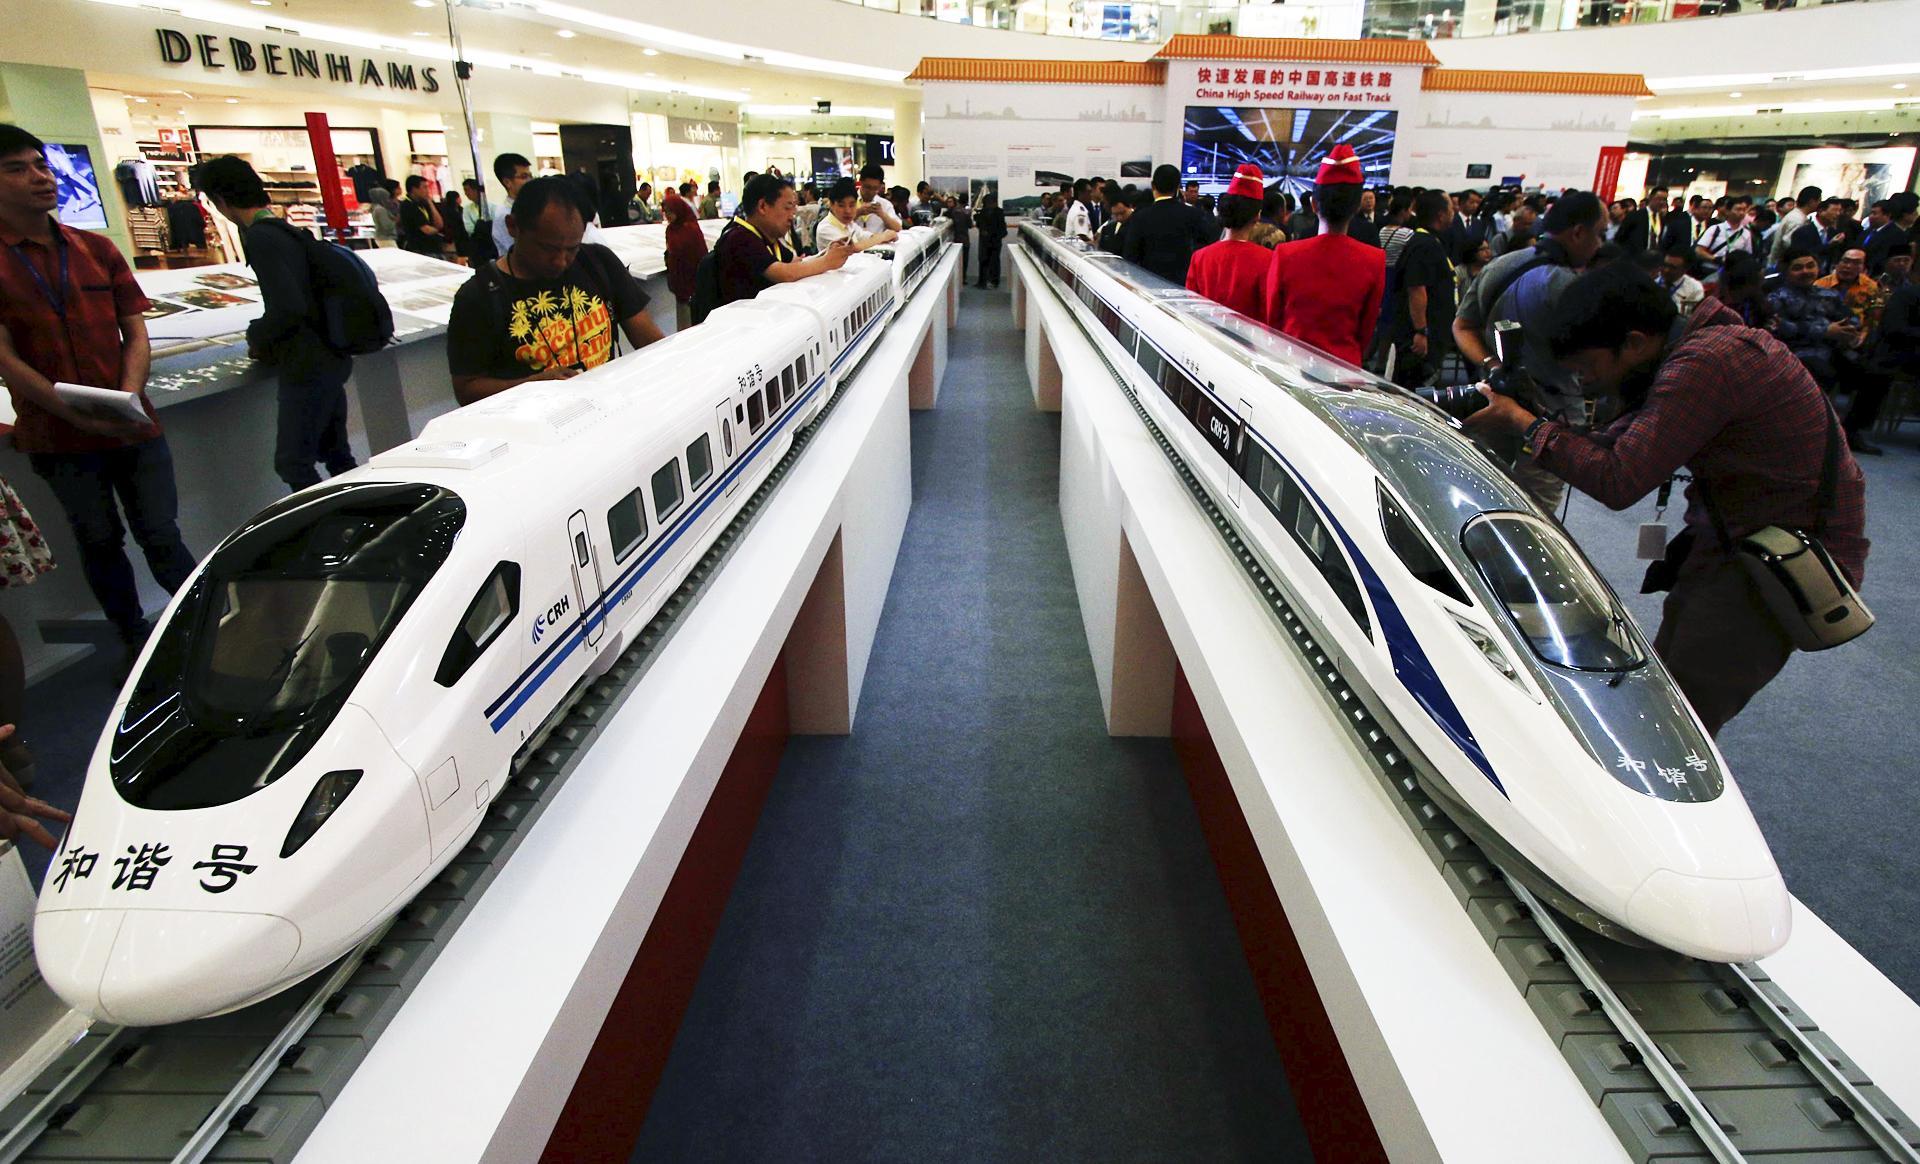 印尼高铁内幕:中国提供贷款 日本败在太过自信